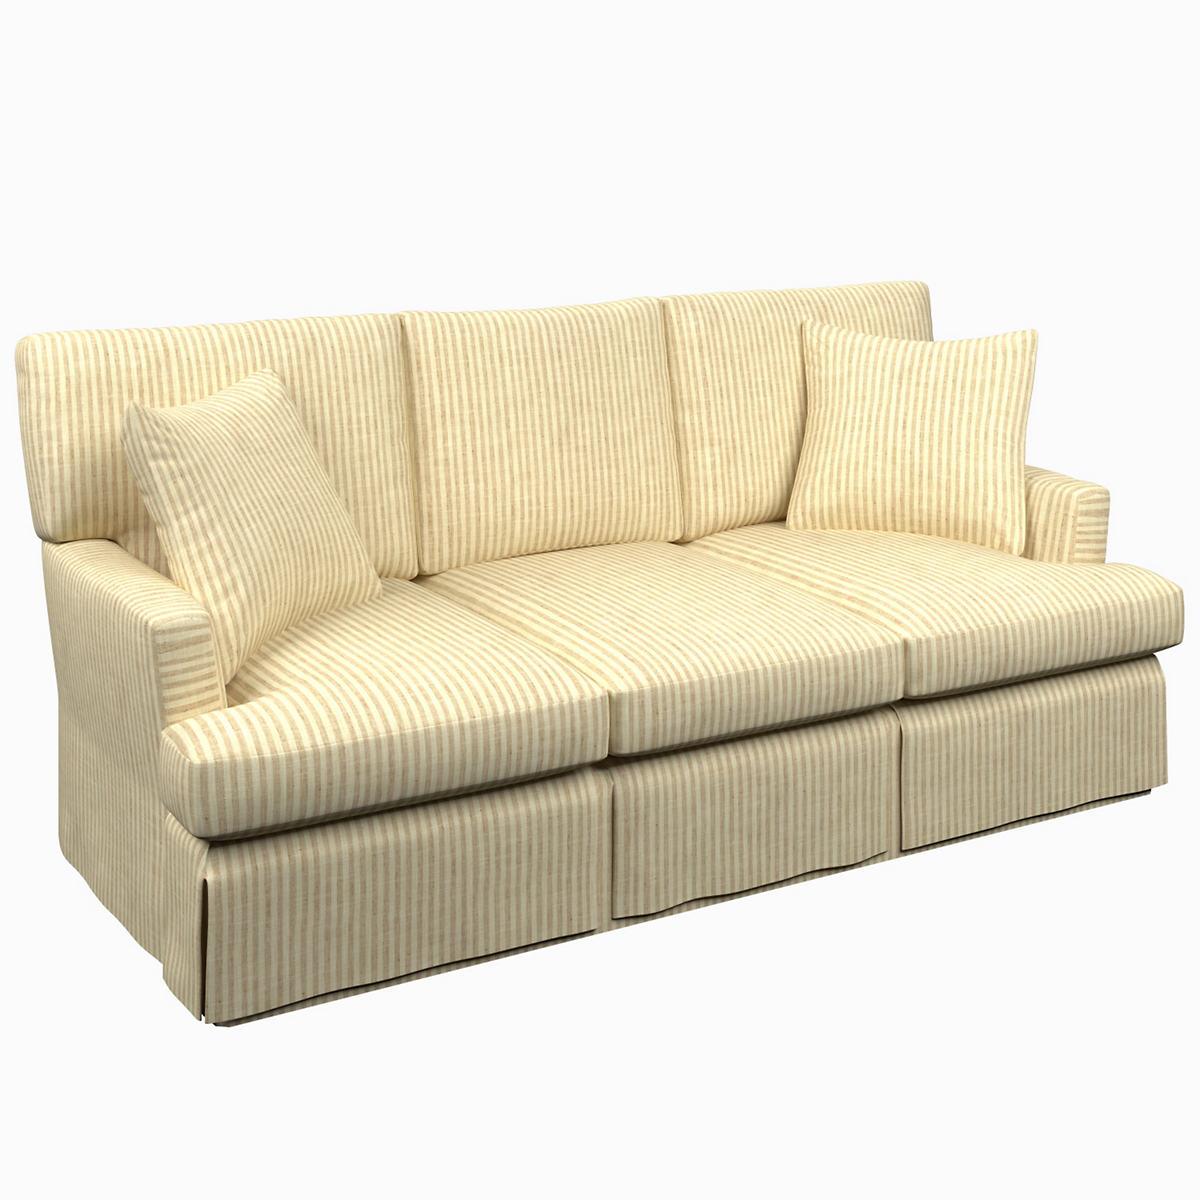 Adams Ticking Natural Saybrook 3 Seater Sofa